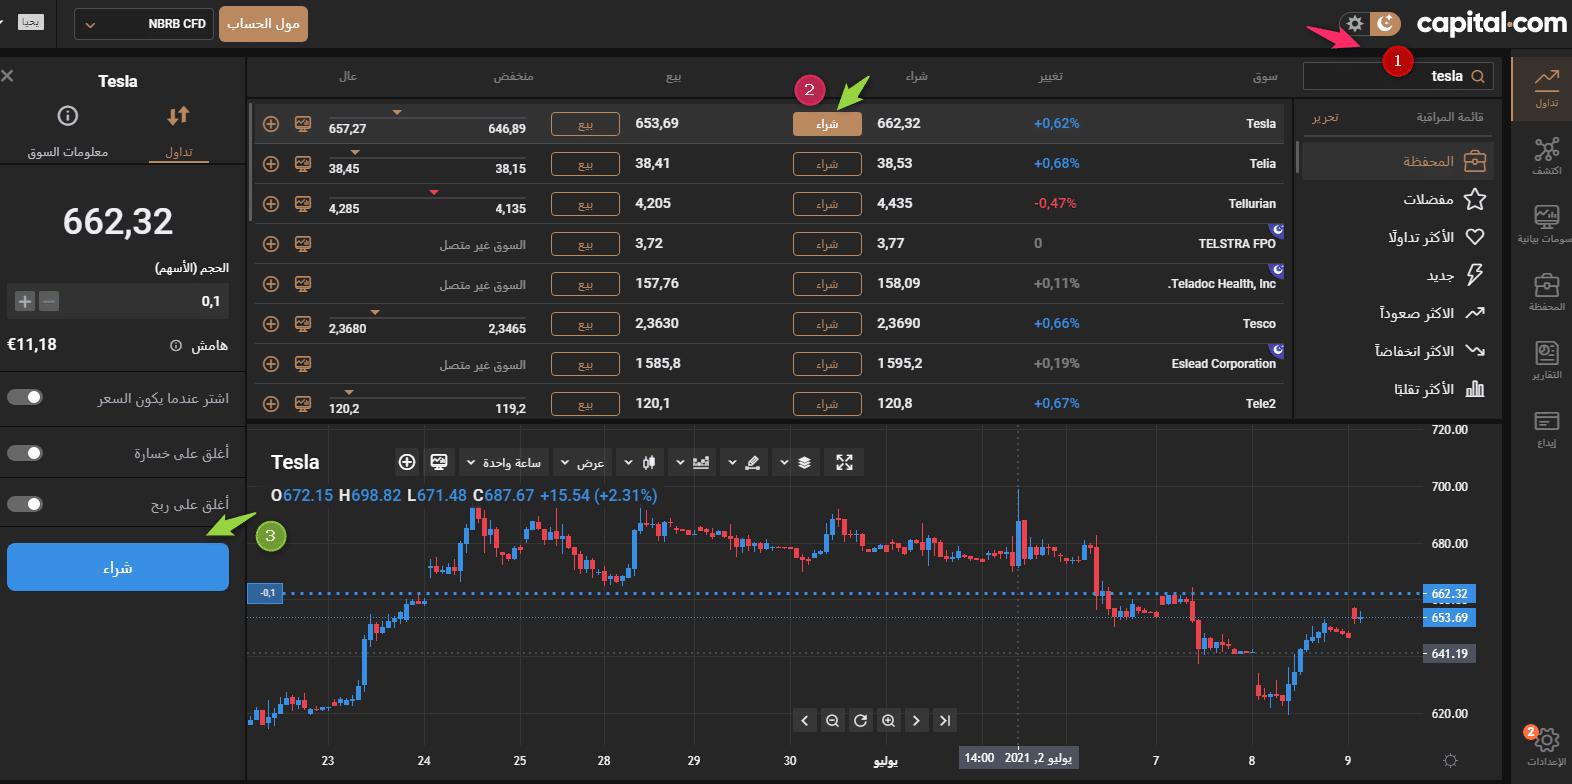 منصة تداول الأسهم Capital.com